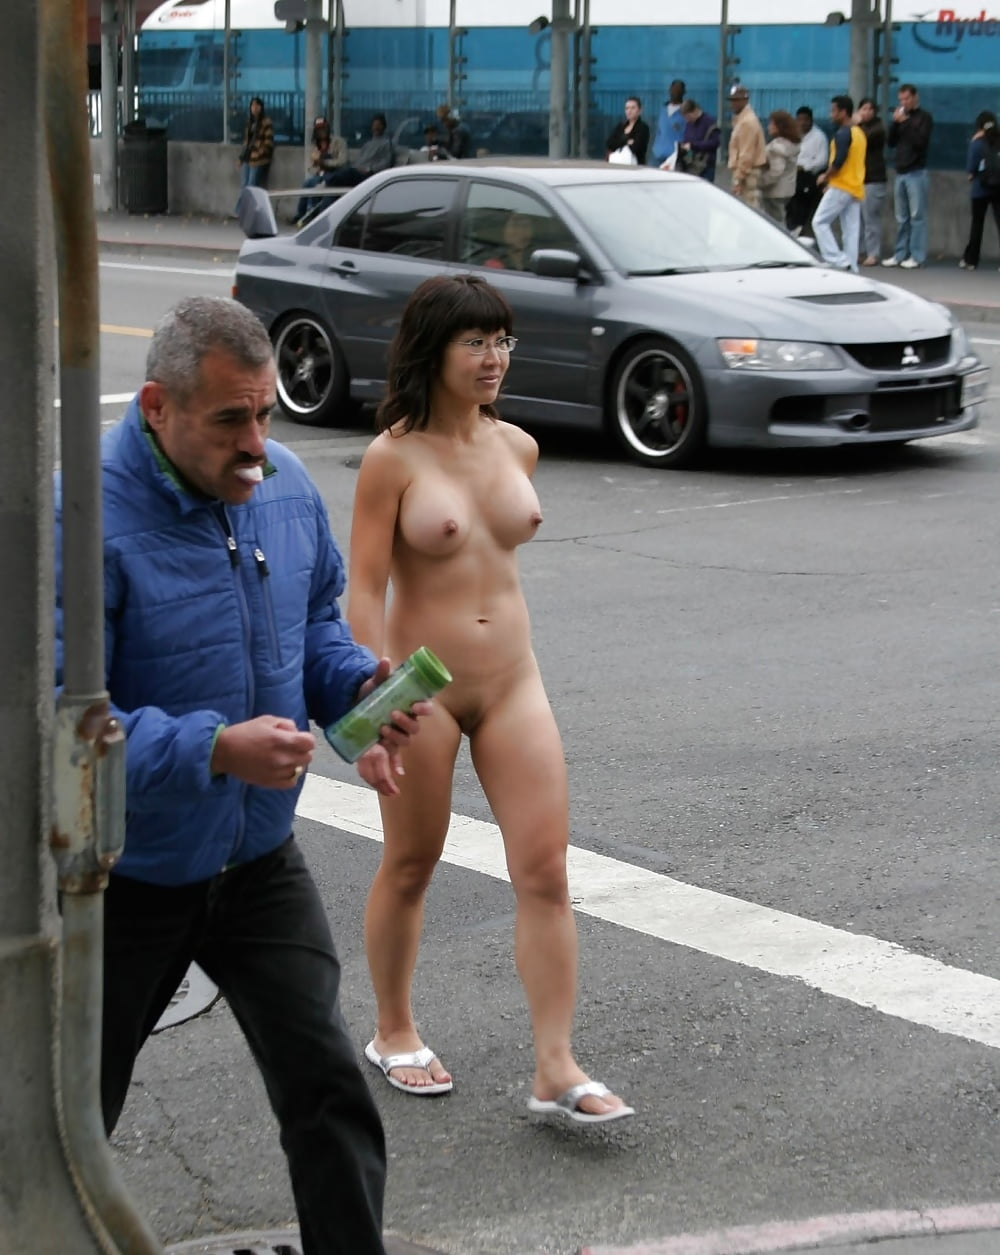 Public Naked Lesbians